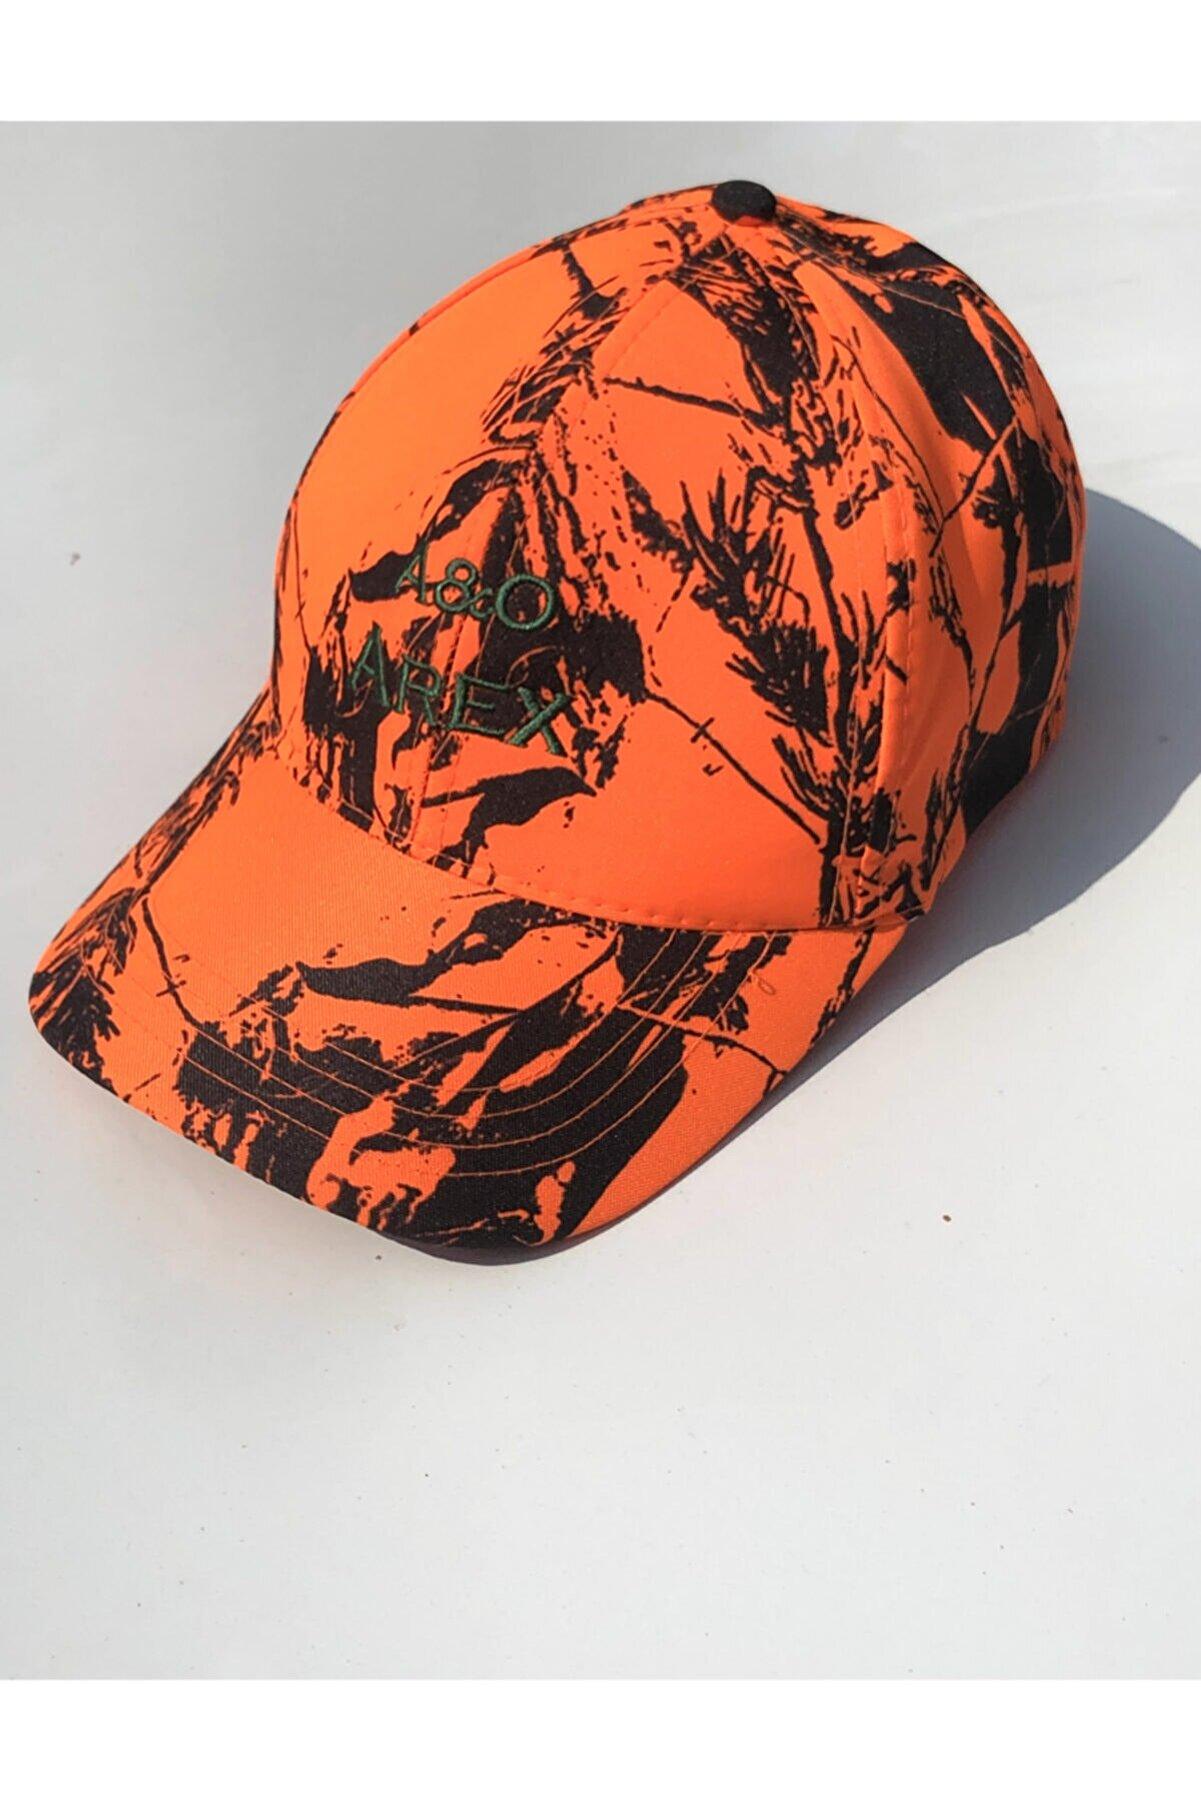 Erdinç Doğa Av Malzemeleri Arex Outdoor Şapka